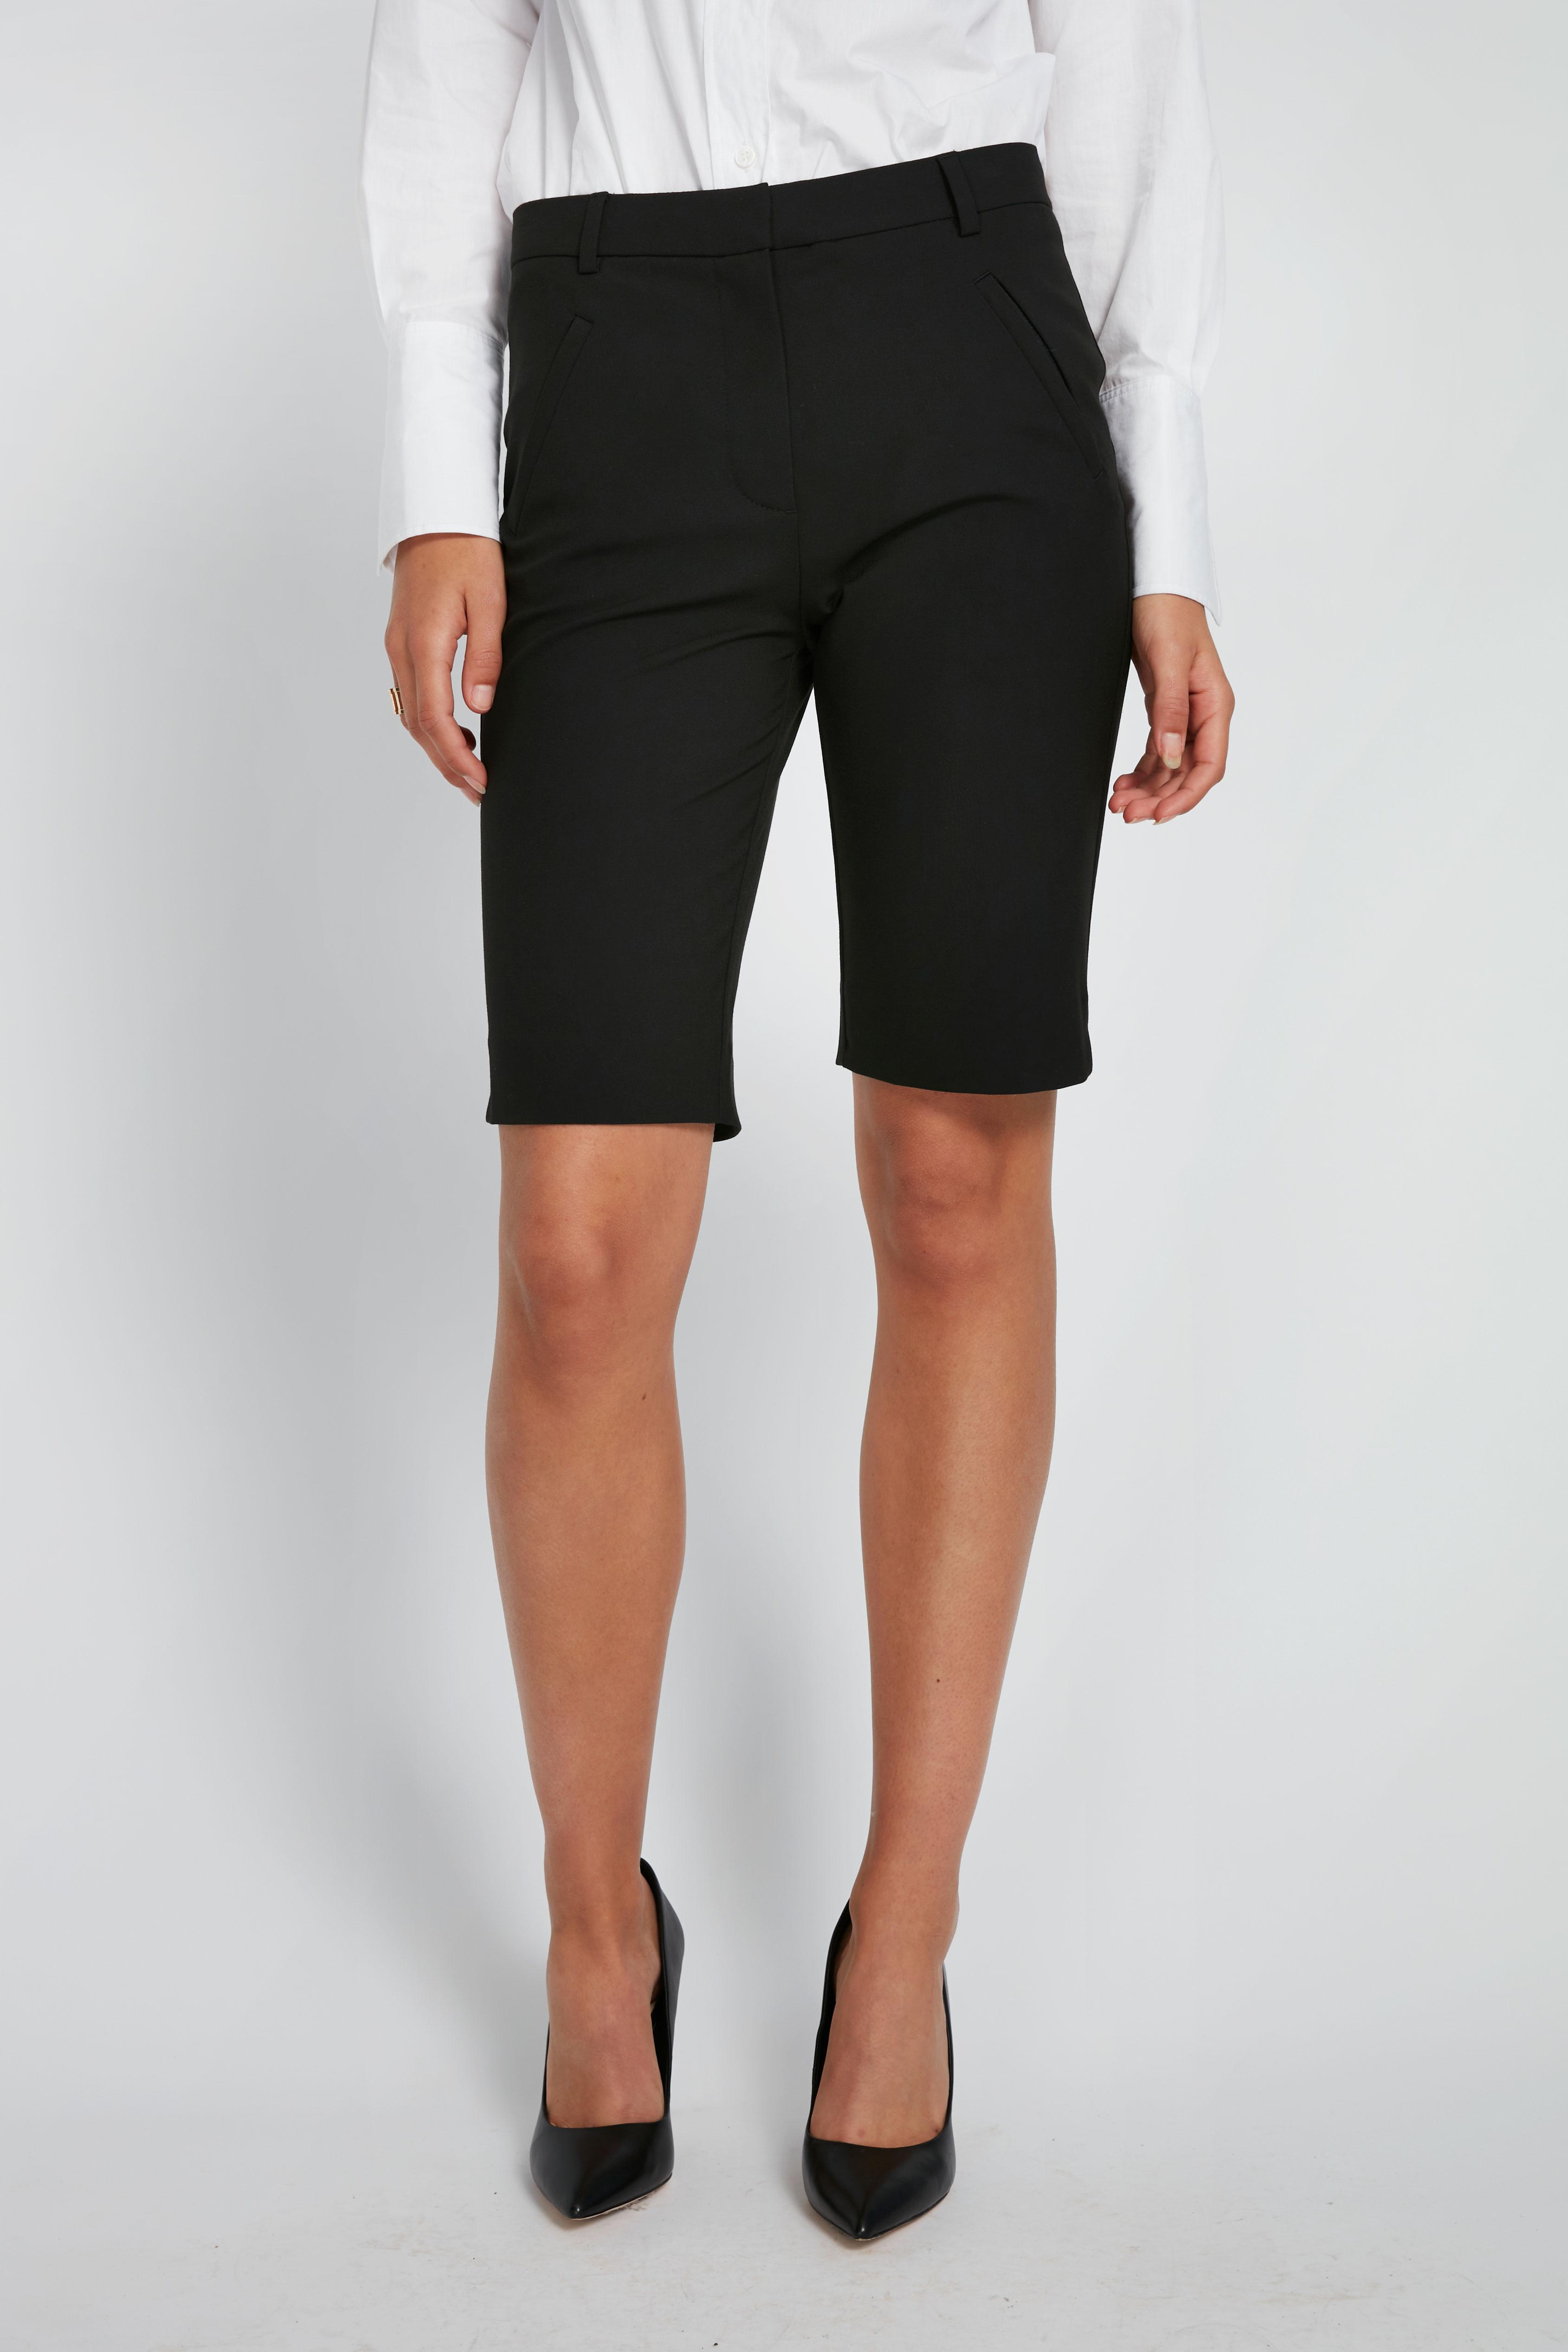 Fiveunits Angelie Split shorts, black, 27